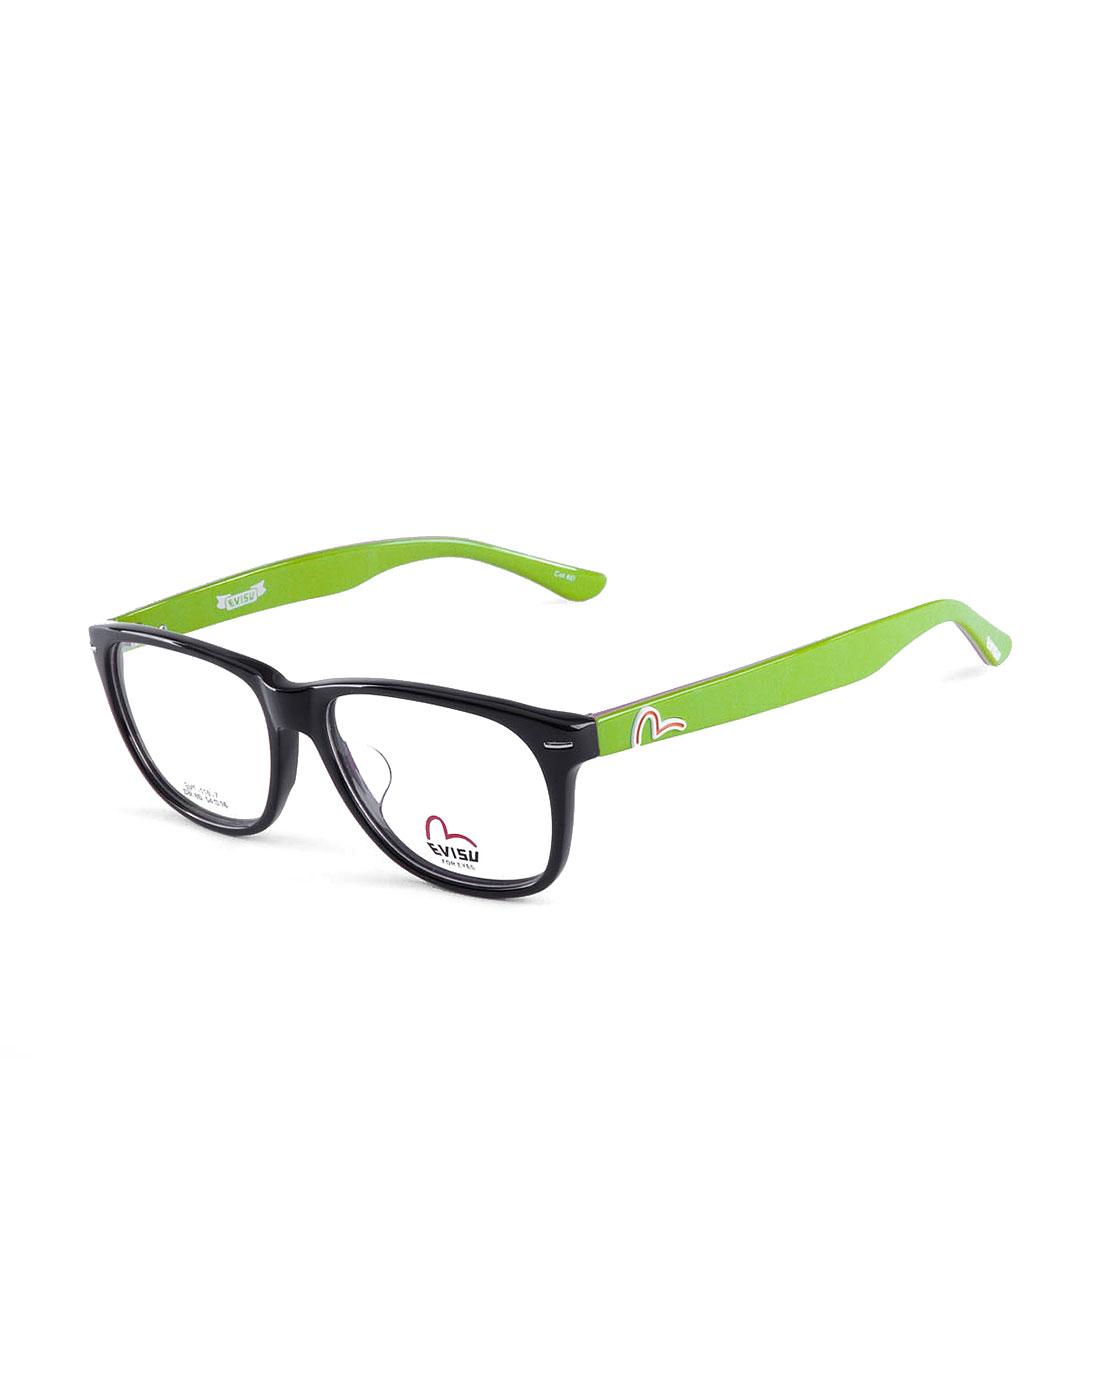 惠美寿evisu眼镜专场经典边框紫/绿色全框眼镜evf